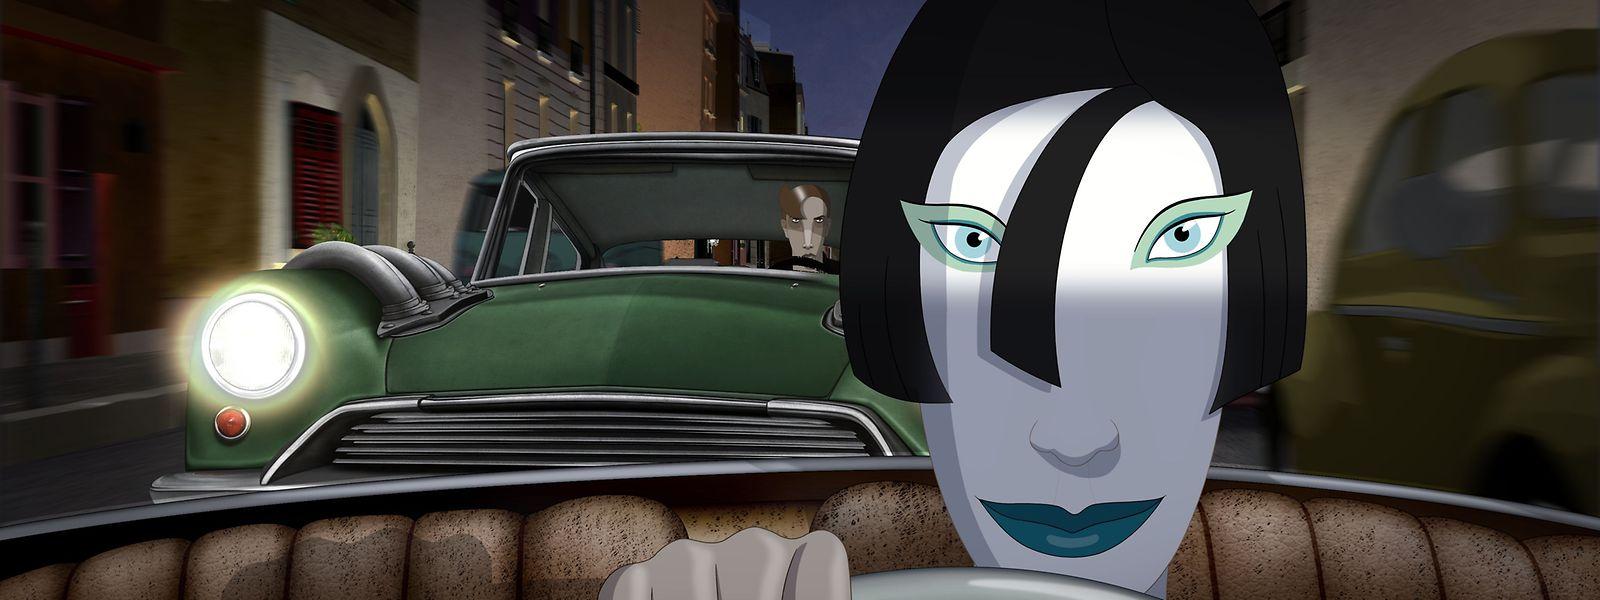 """Zum Auftakt des Filmfestivals CinEast läuft der ungarische Animationsfilm """"Ruben Brandt, Collector"""" von Milorad Kristic."""